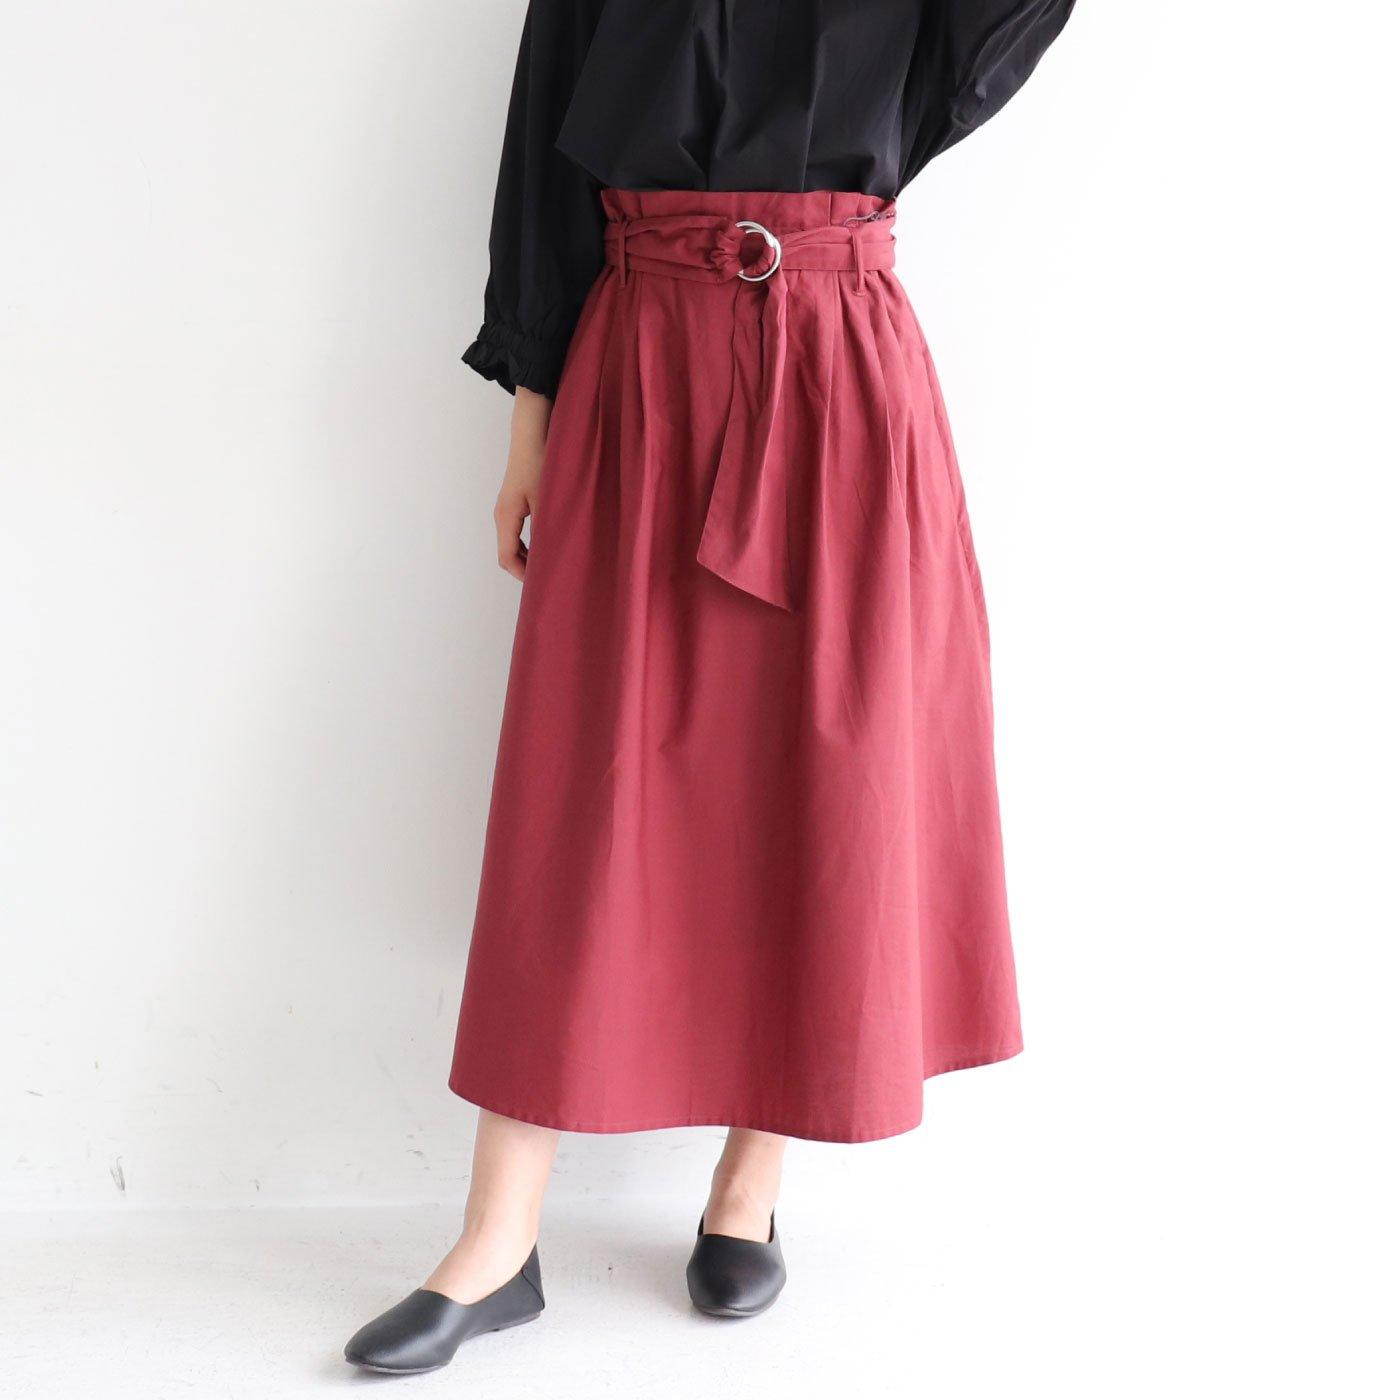 シンプルで合わせやすい サッシュベルト付きスカート